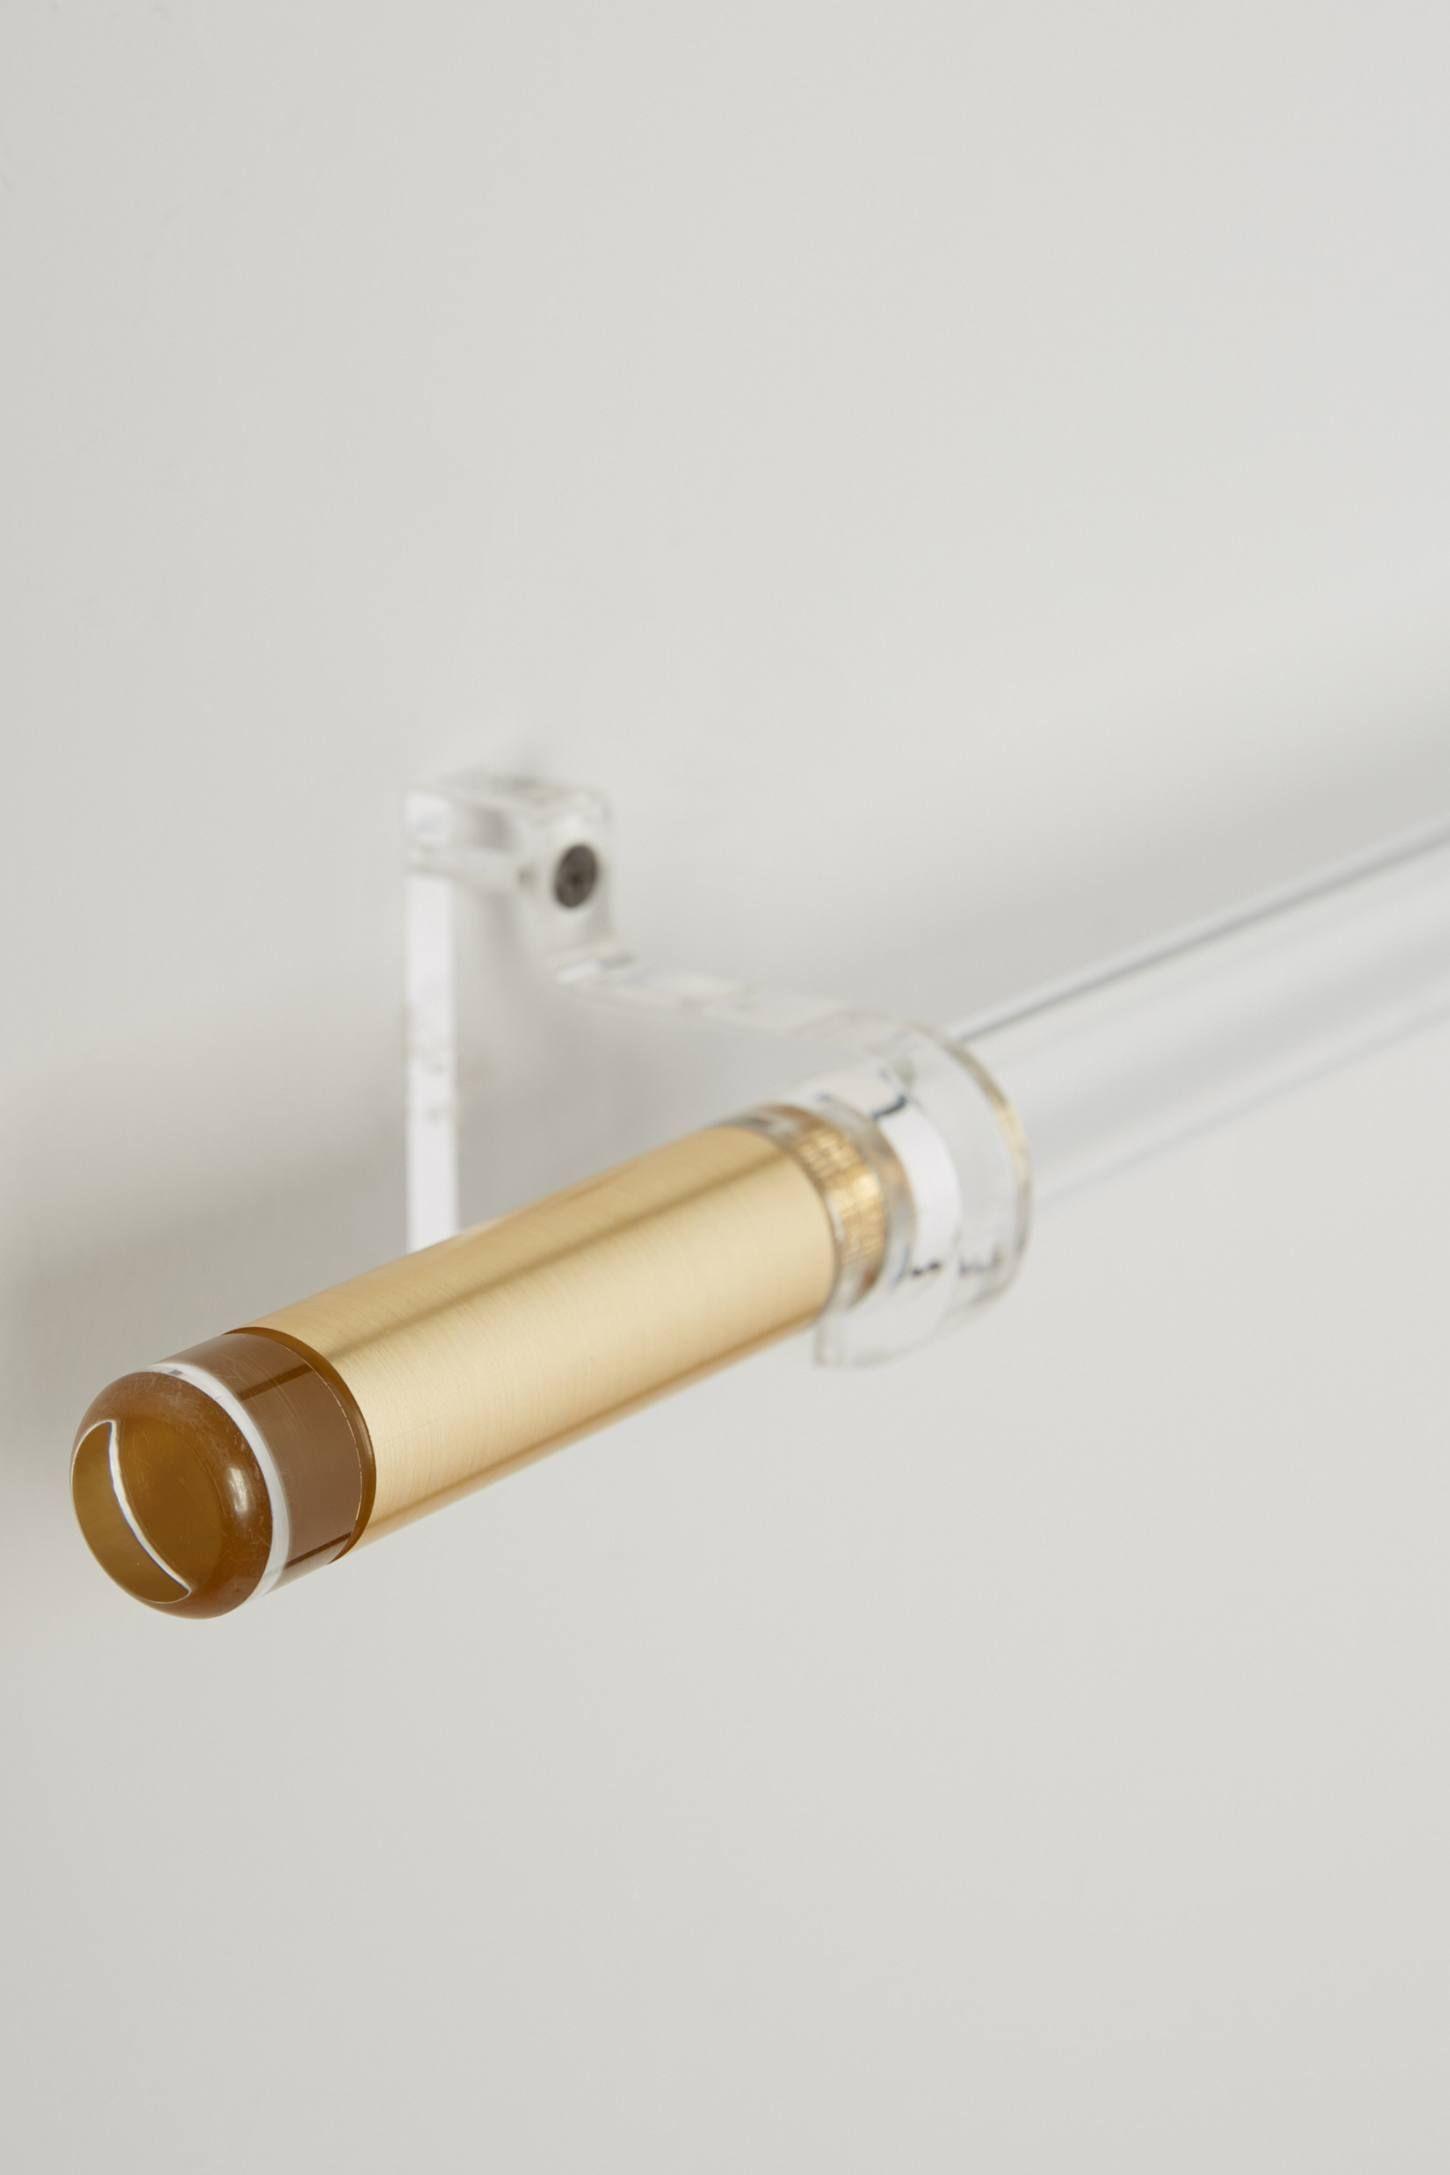 Acrylic curtain rod - Hardware Shop The Brass Acrylic Curtain Rod